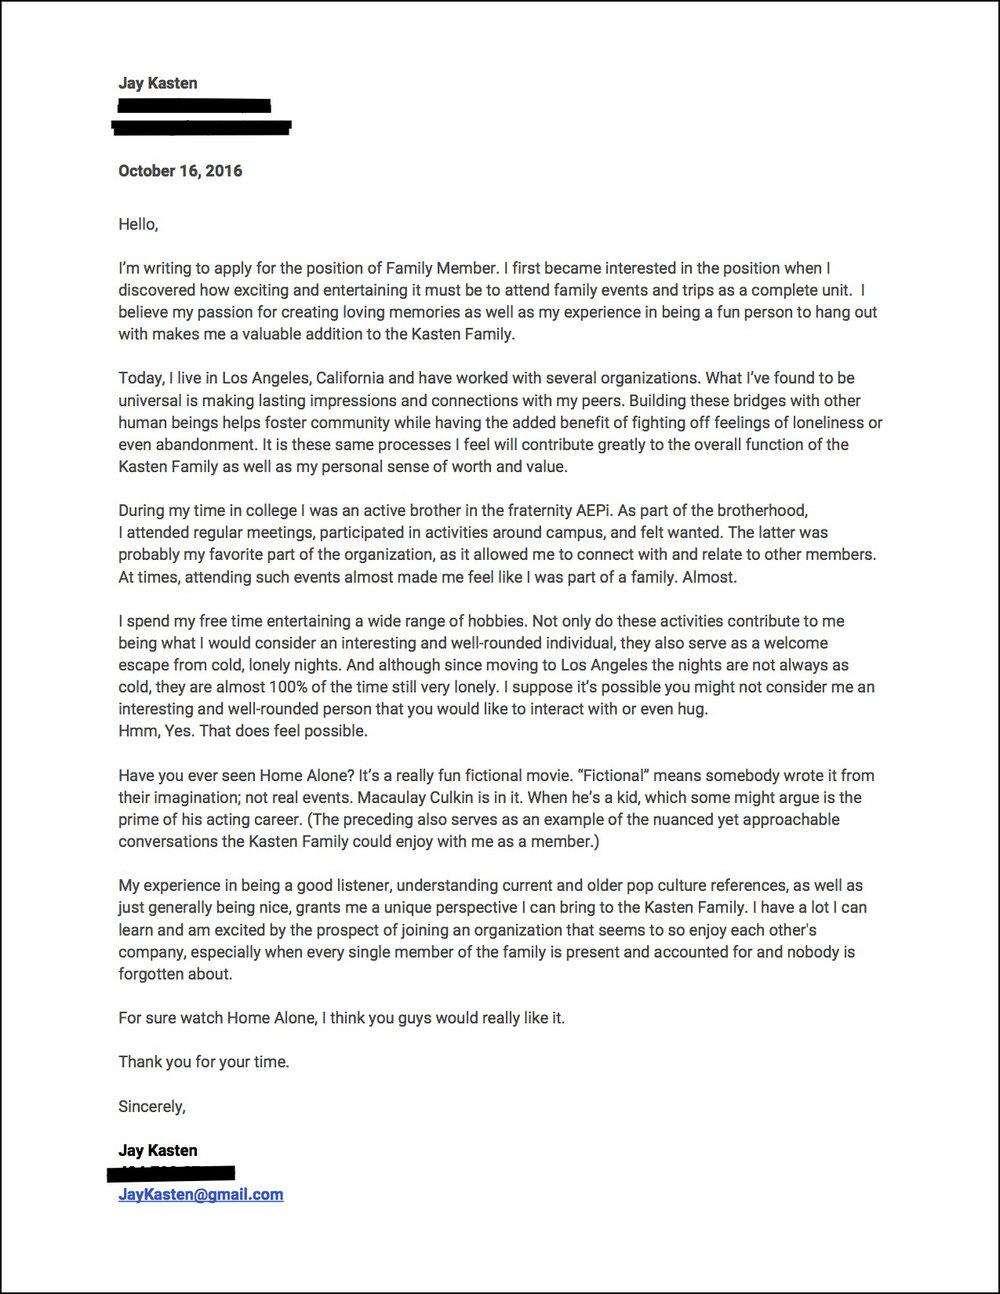 Jay Kasten's Family Member Cover Letter FRAMED.jpg